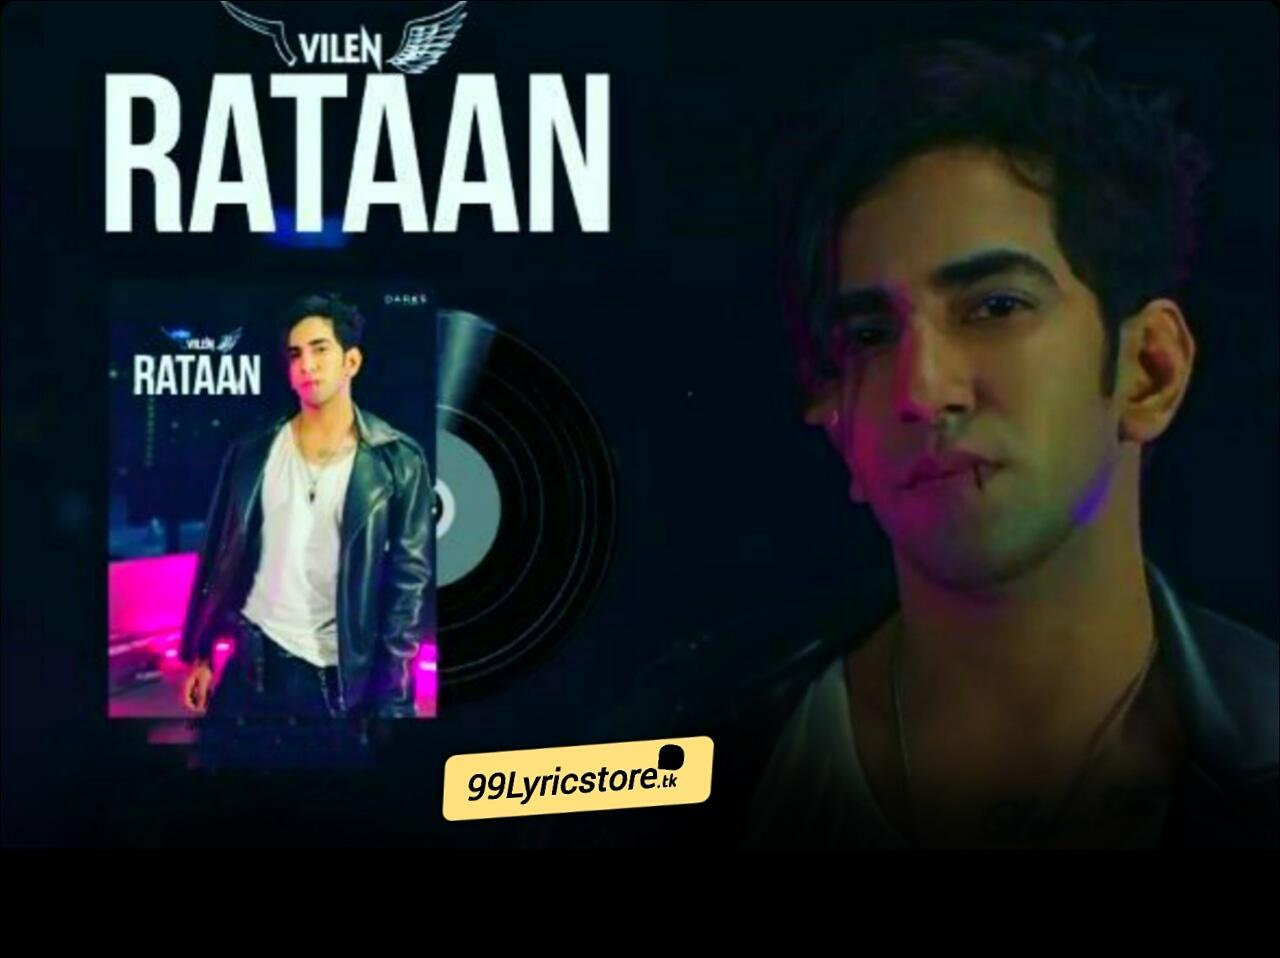 Rataan Song Lyrics Sung by Villen